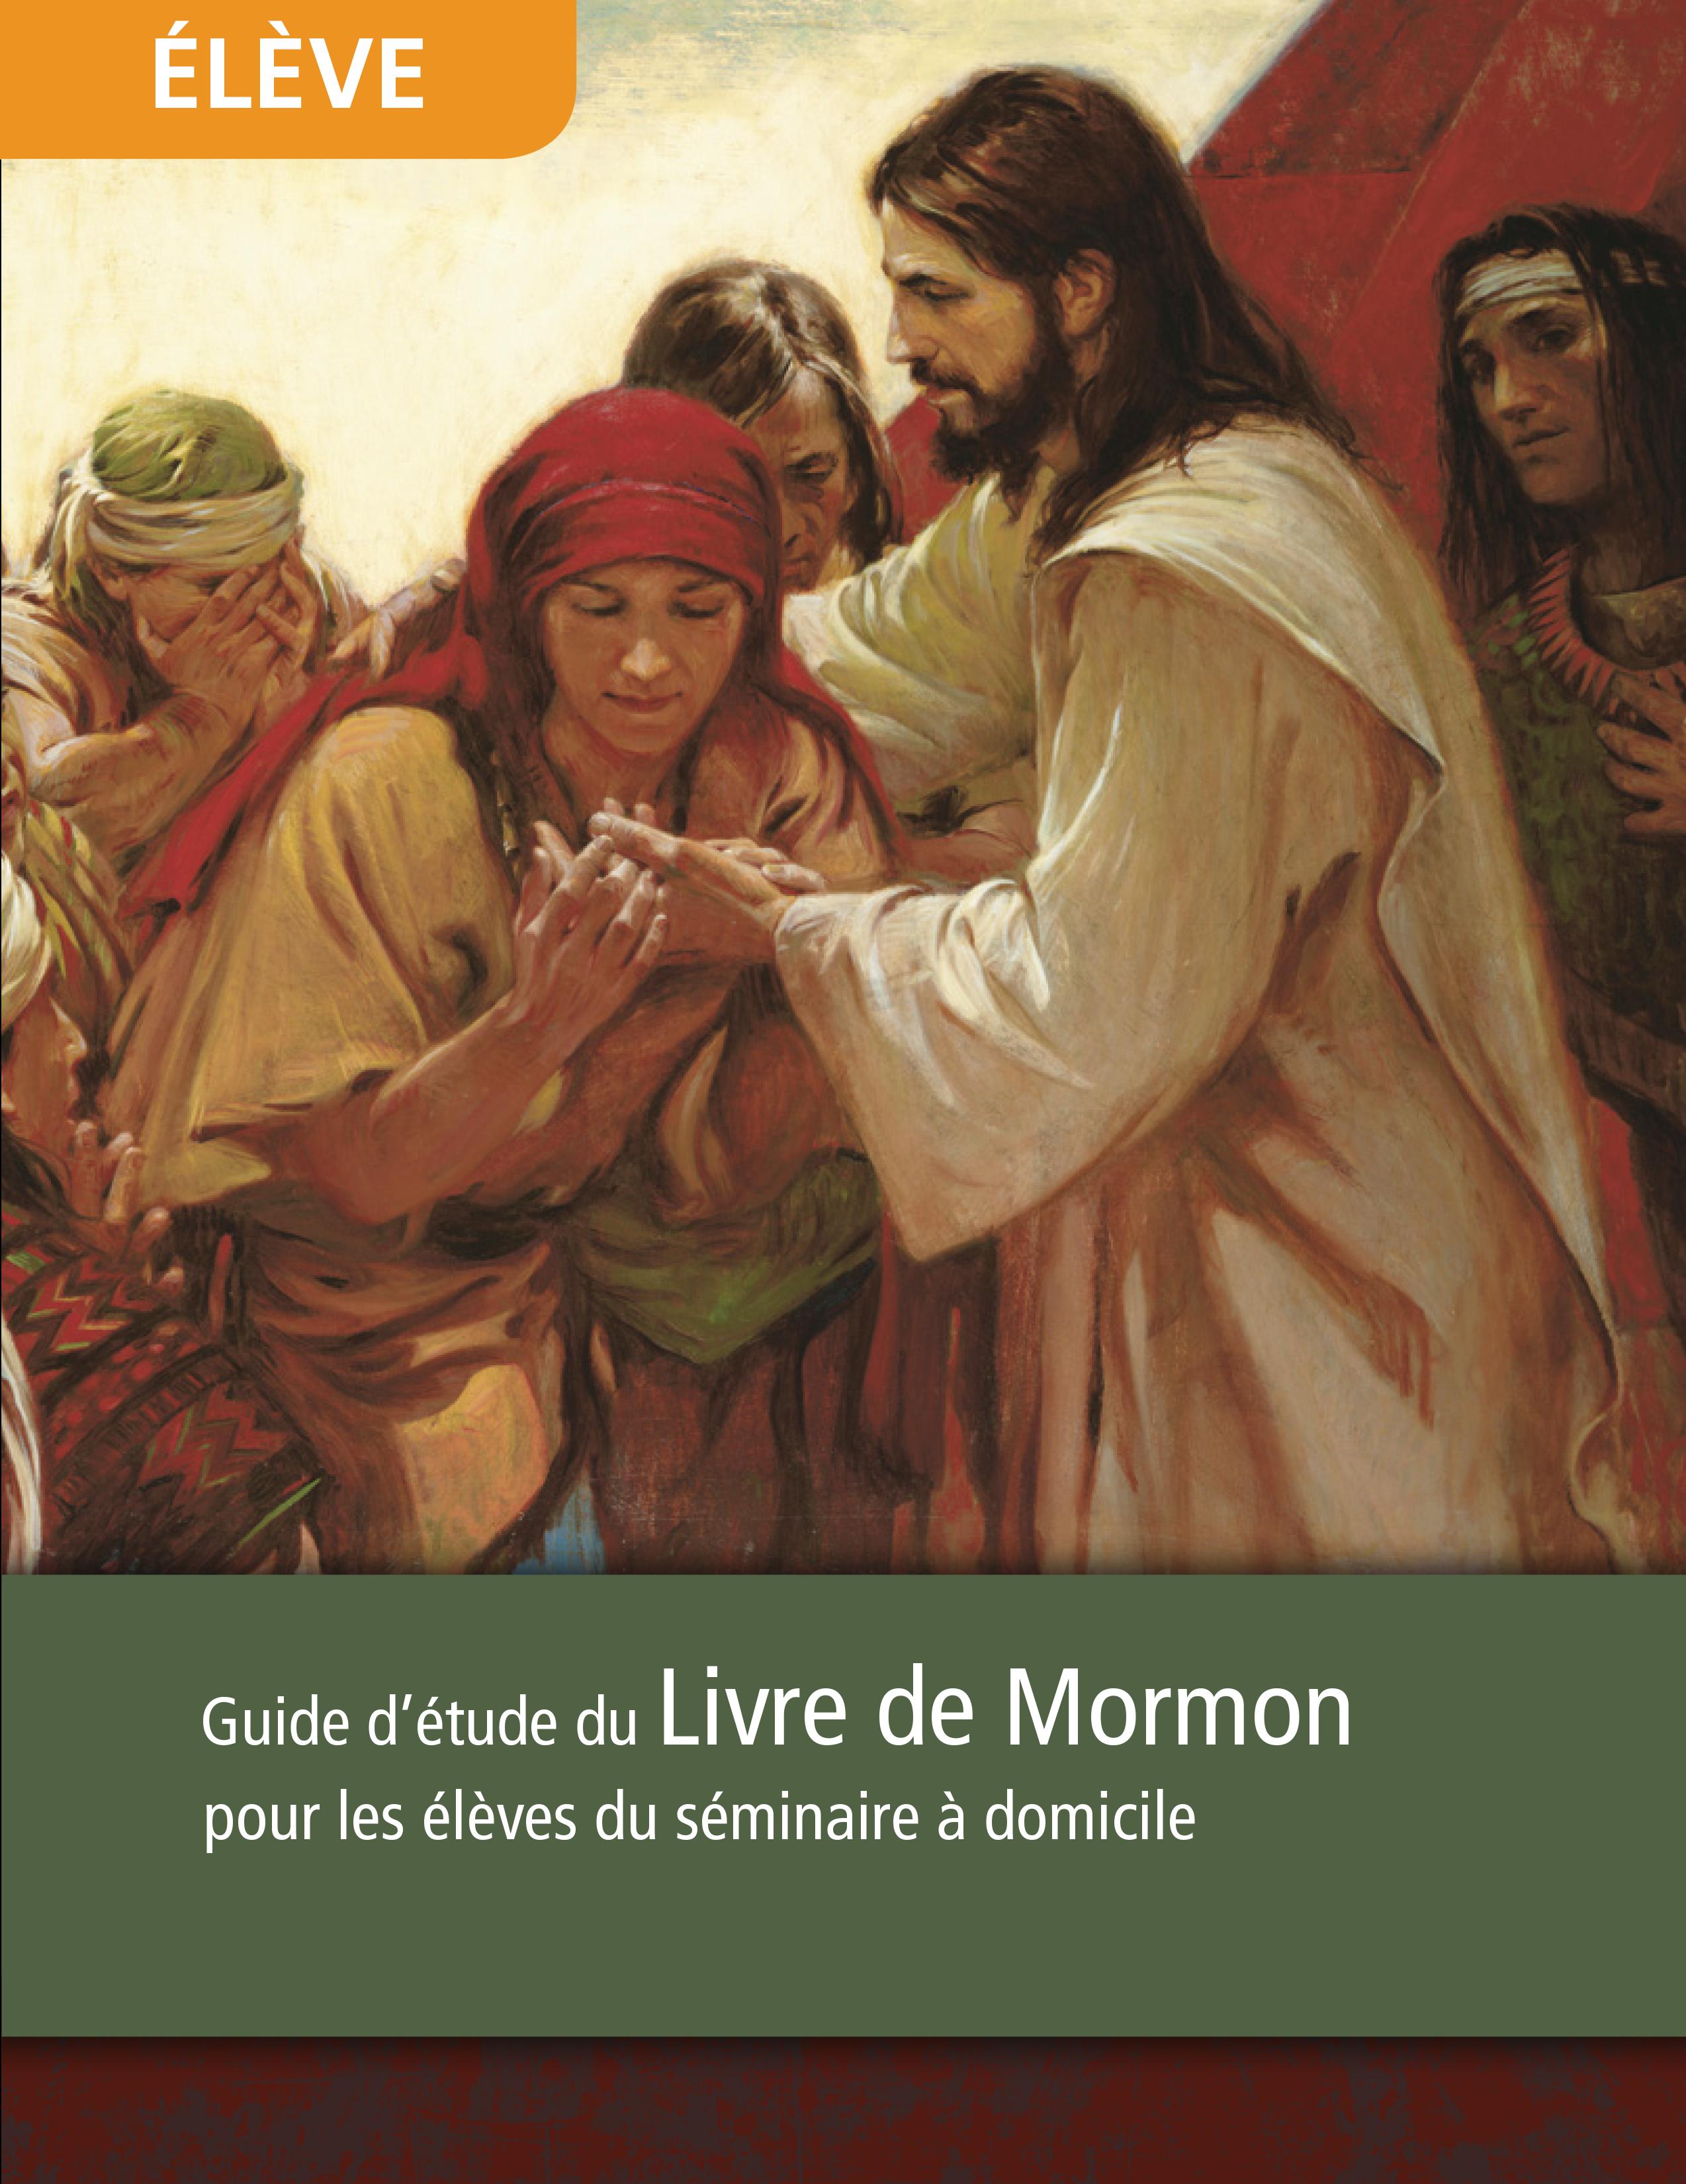 Livre de Mormon, guide d'étude pour les élèves du séminaire à domicile